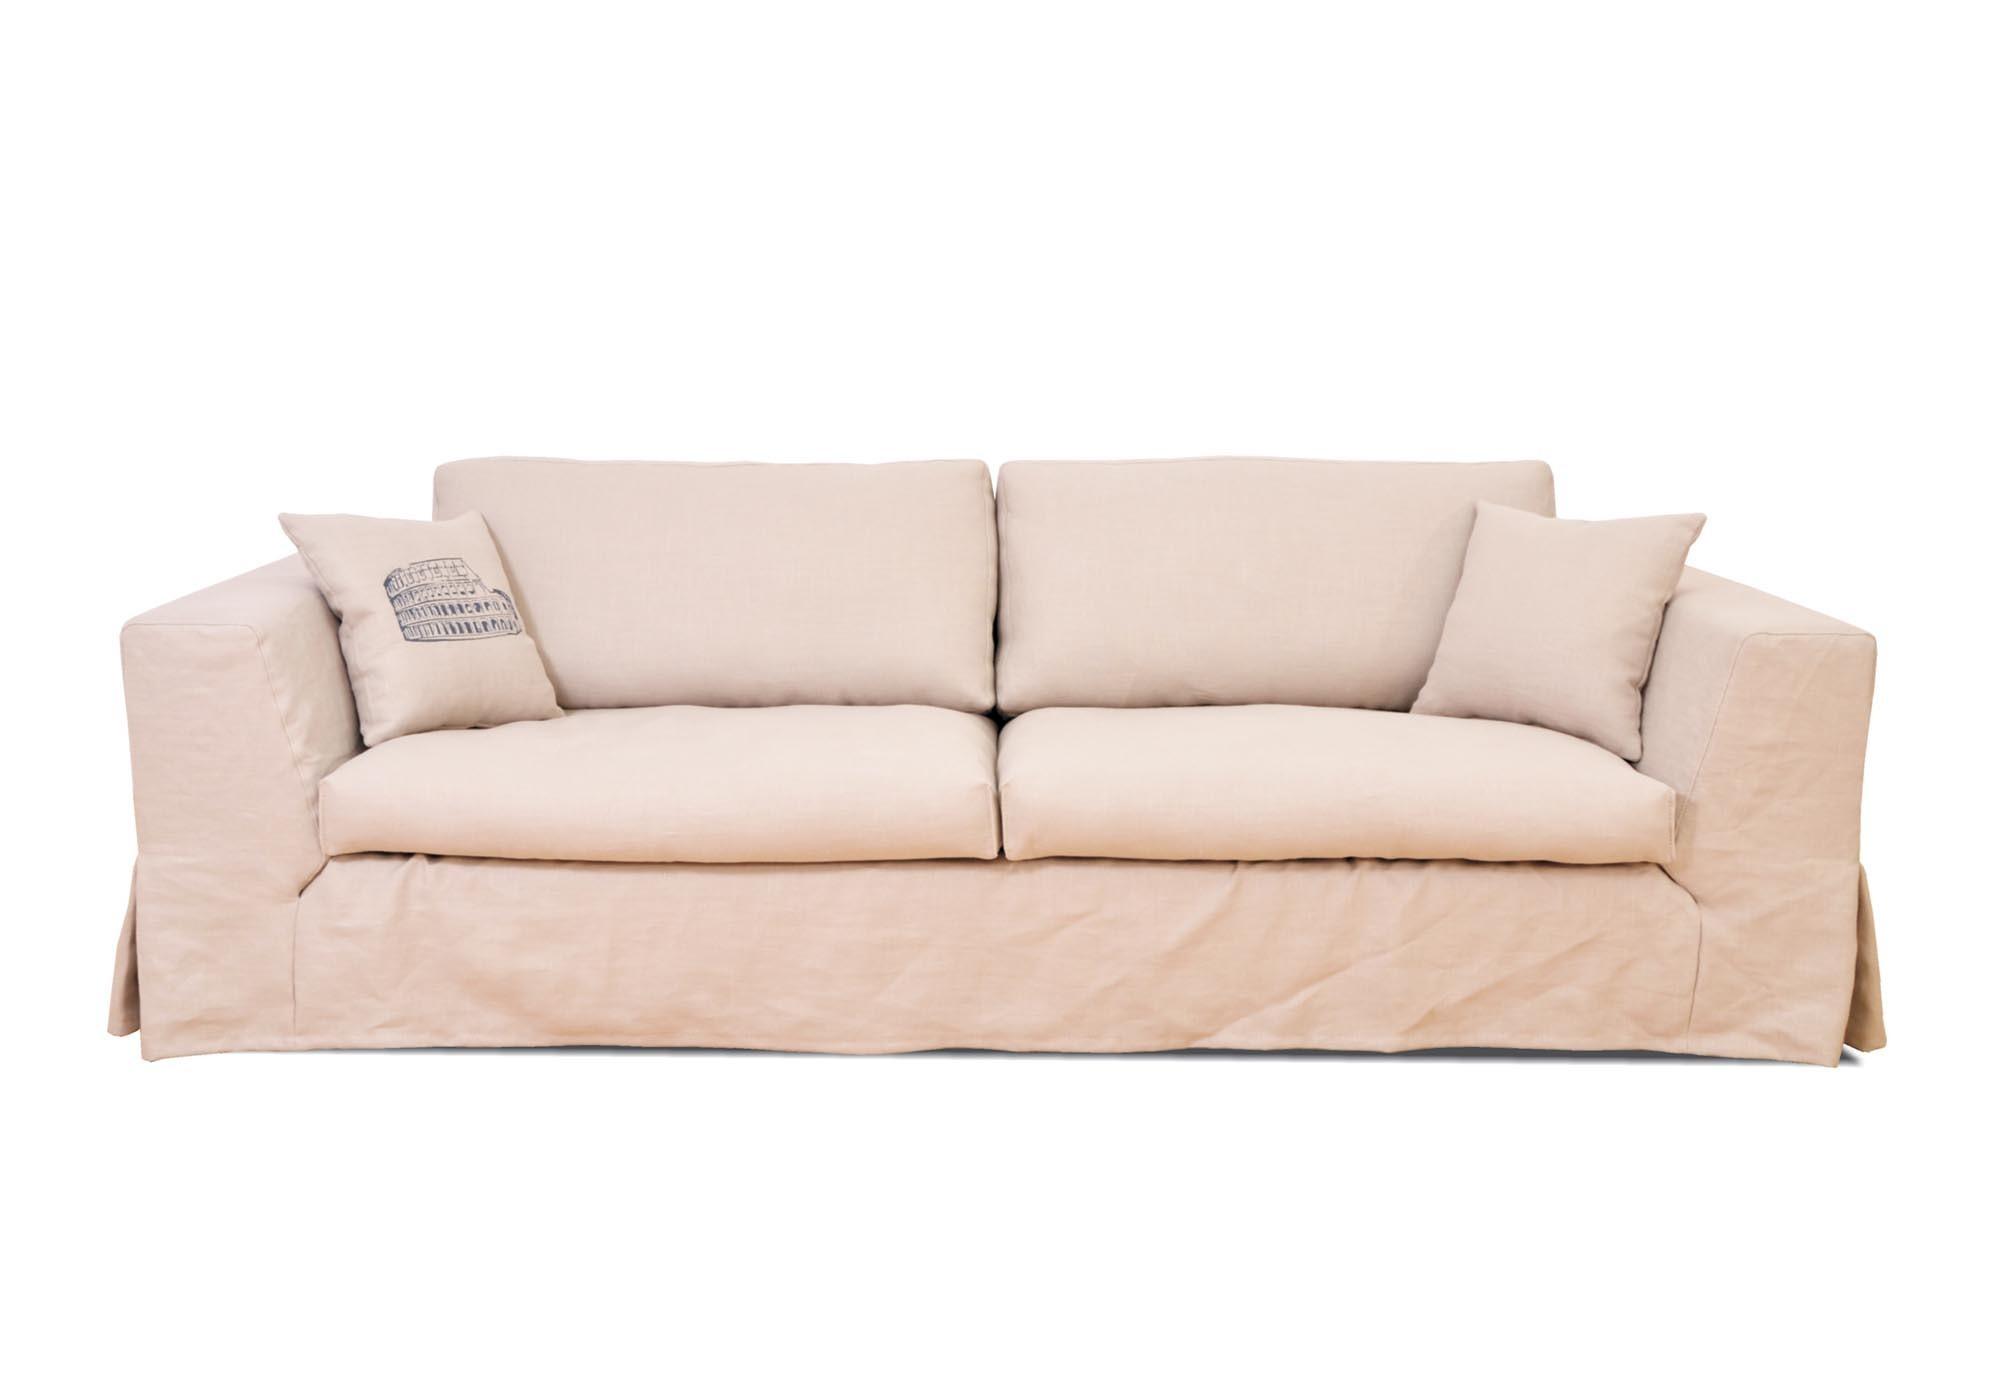 Full Size of Couch Baumwolle Leinen Leinenbezug Sofa Waschen Beige Leinenstoff Sofahusse Reinigen Hussen Weiss Bezug Grau Aus Pure Primavera Jenversode Rolf Benz Spannbezug Sofa Sofa Leinen